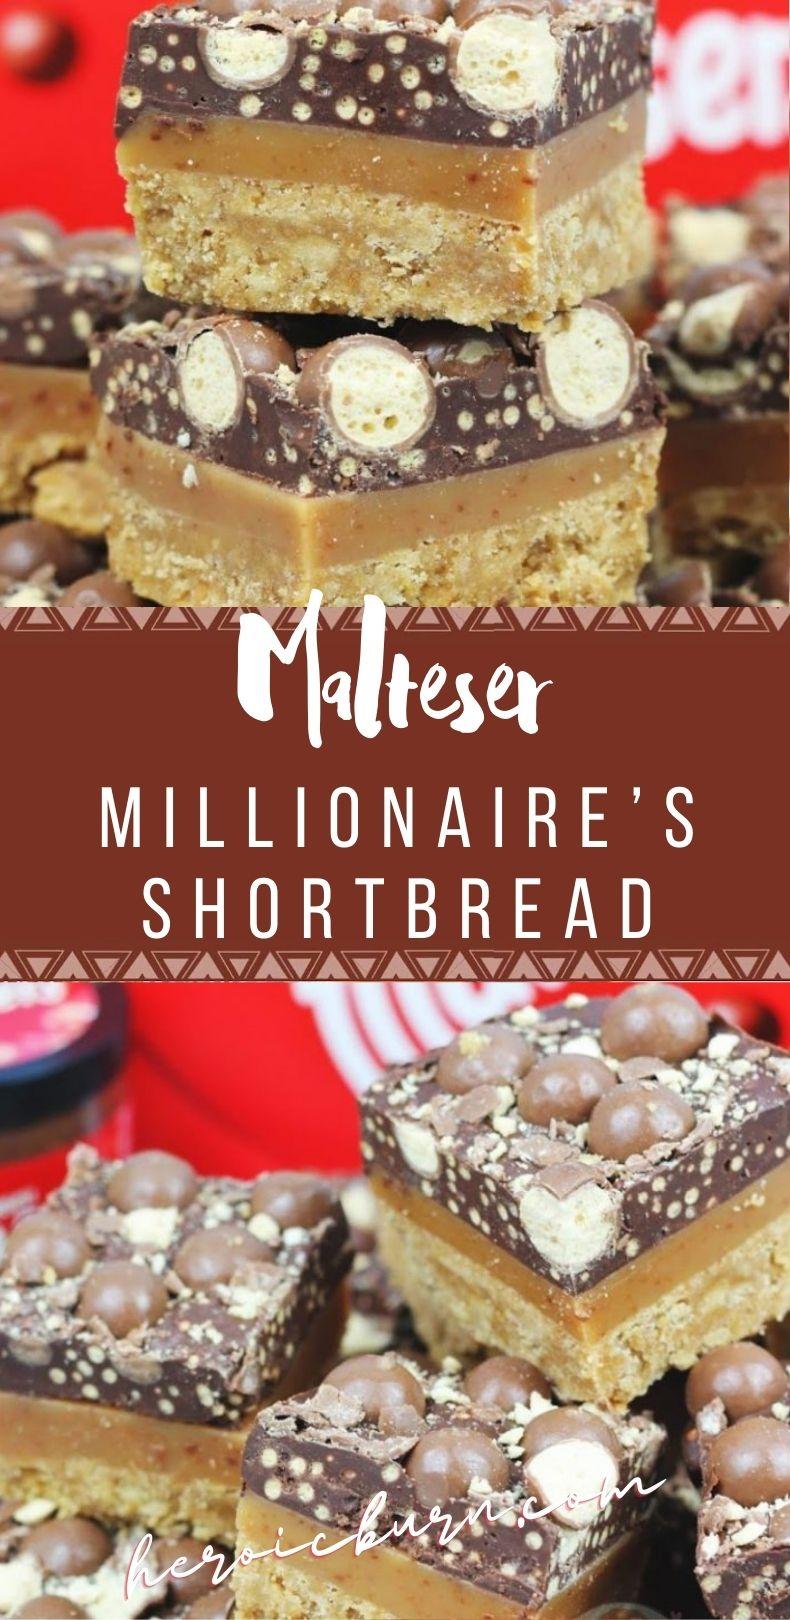 Malteser Millionaire's Shortbread